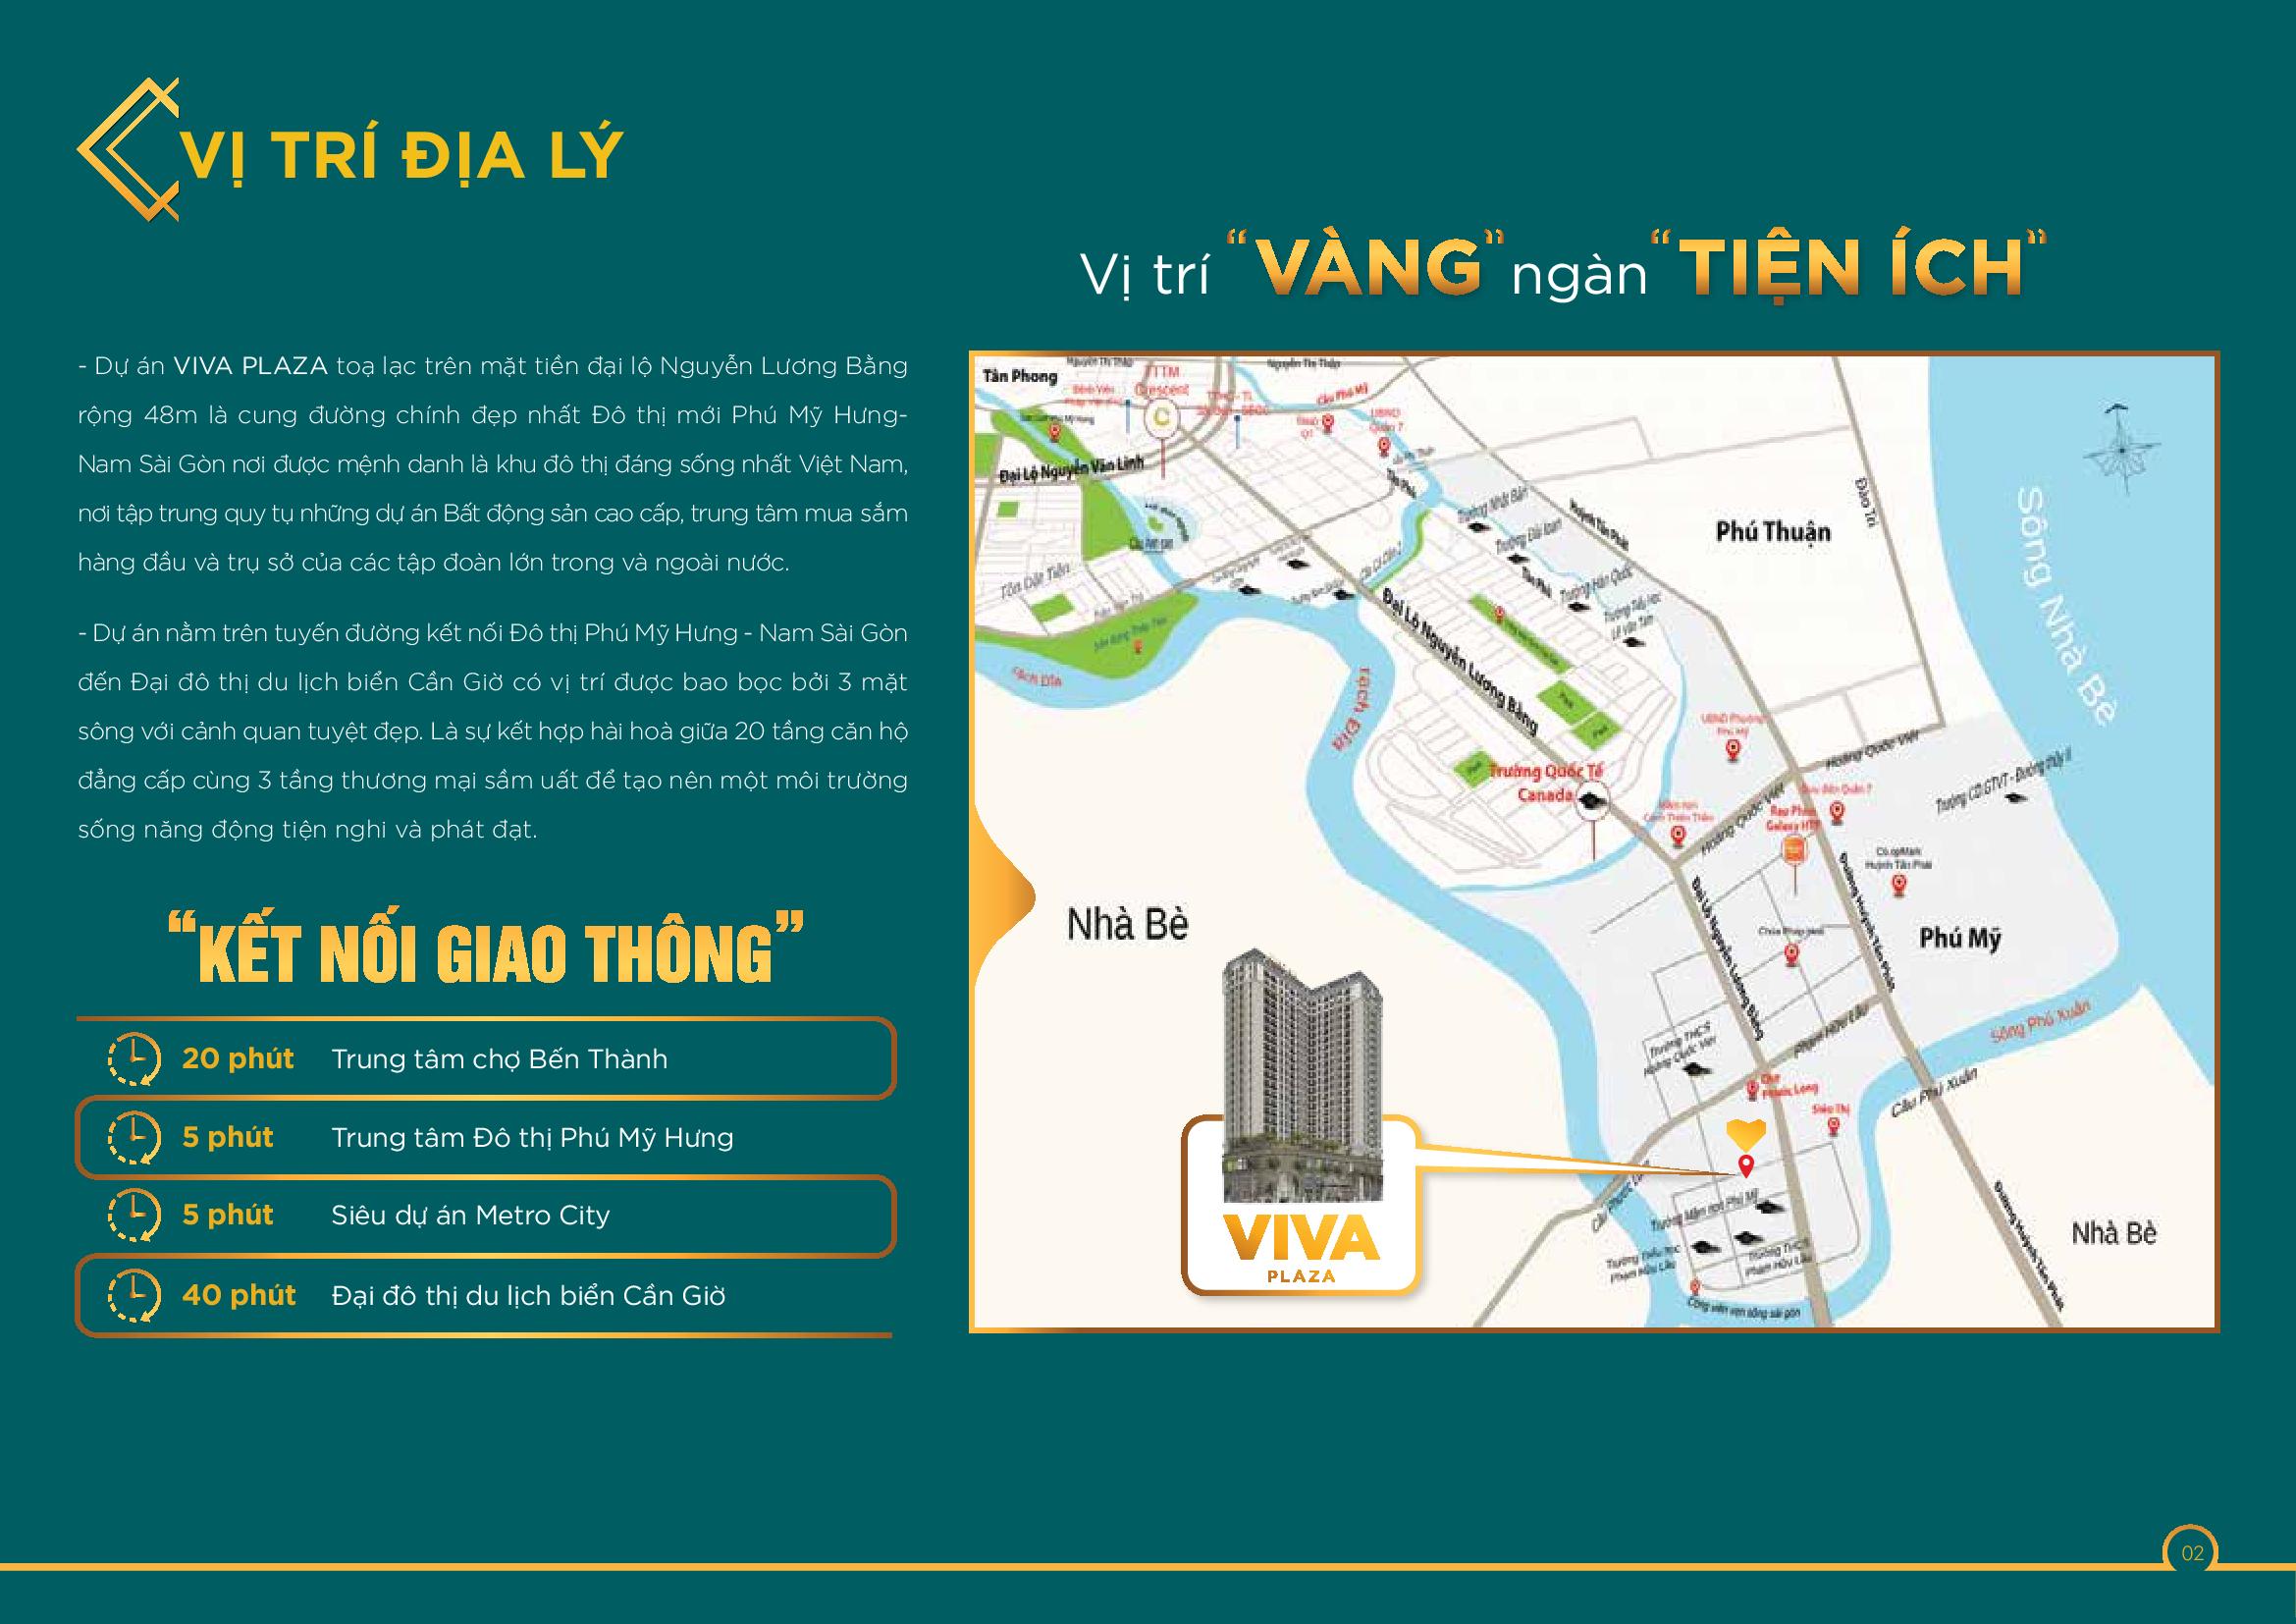 Vị trí dự án Viva Plaza